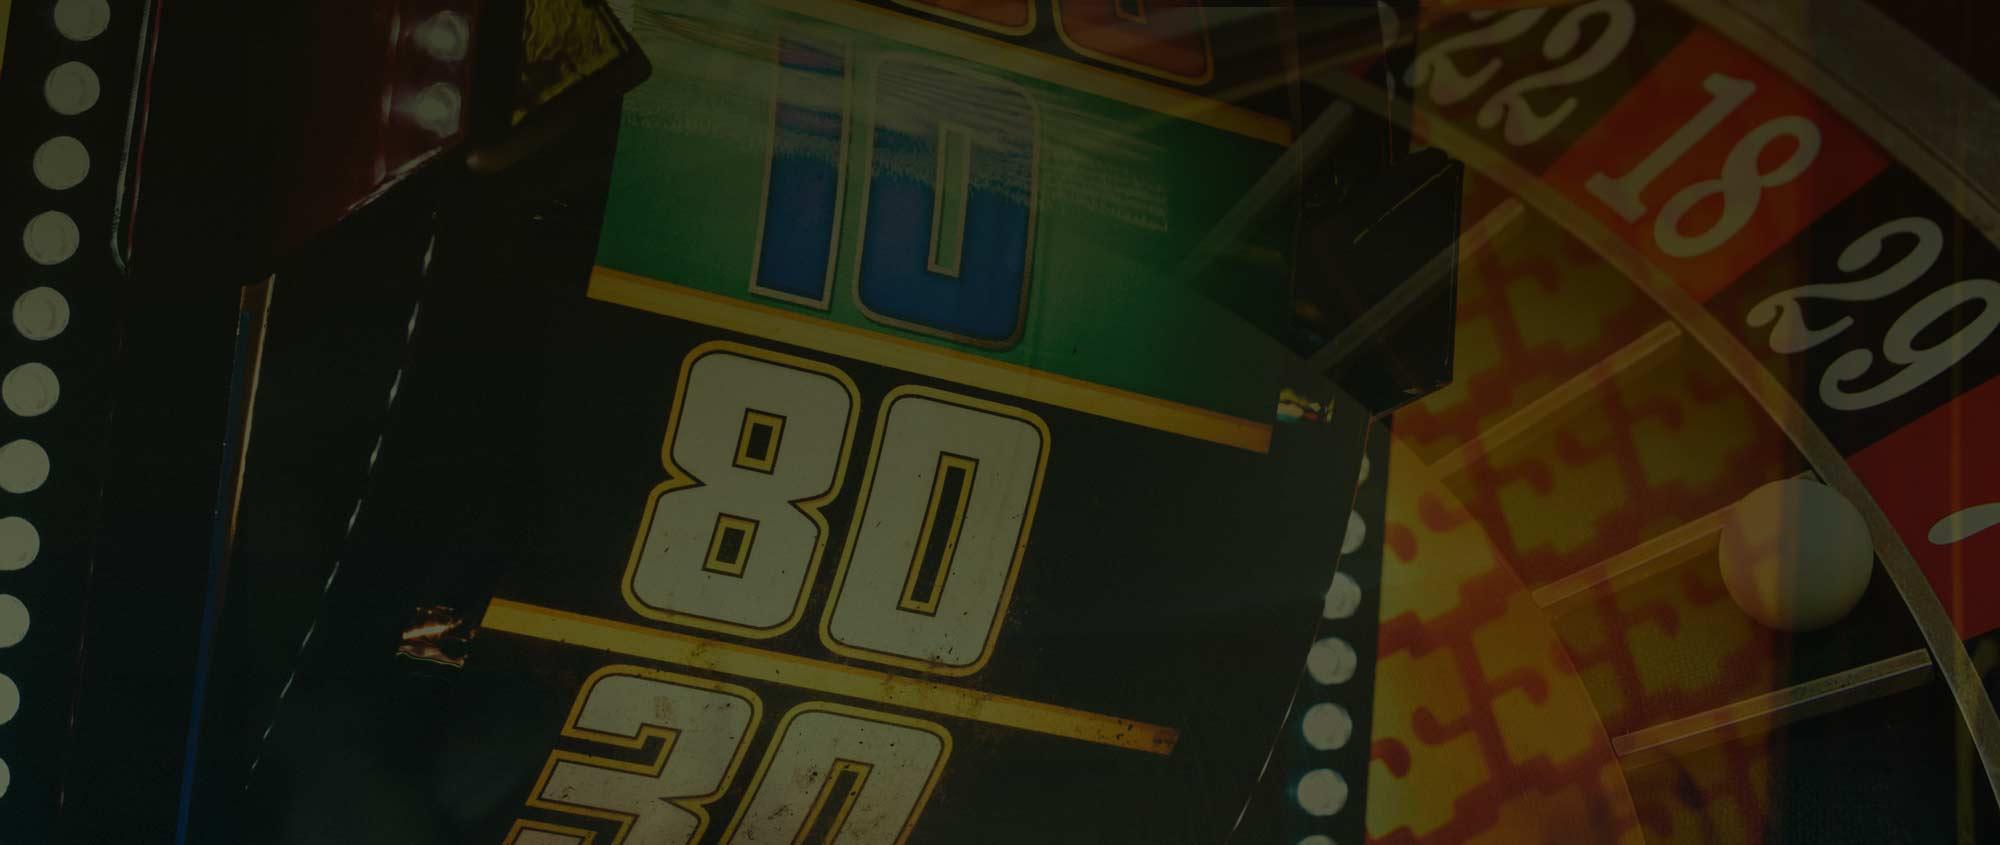 Bicicleta slot - Prova på det här casinospelet